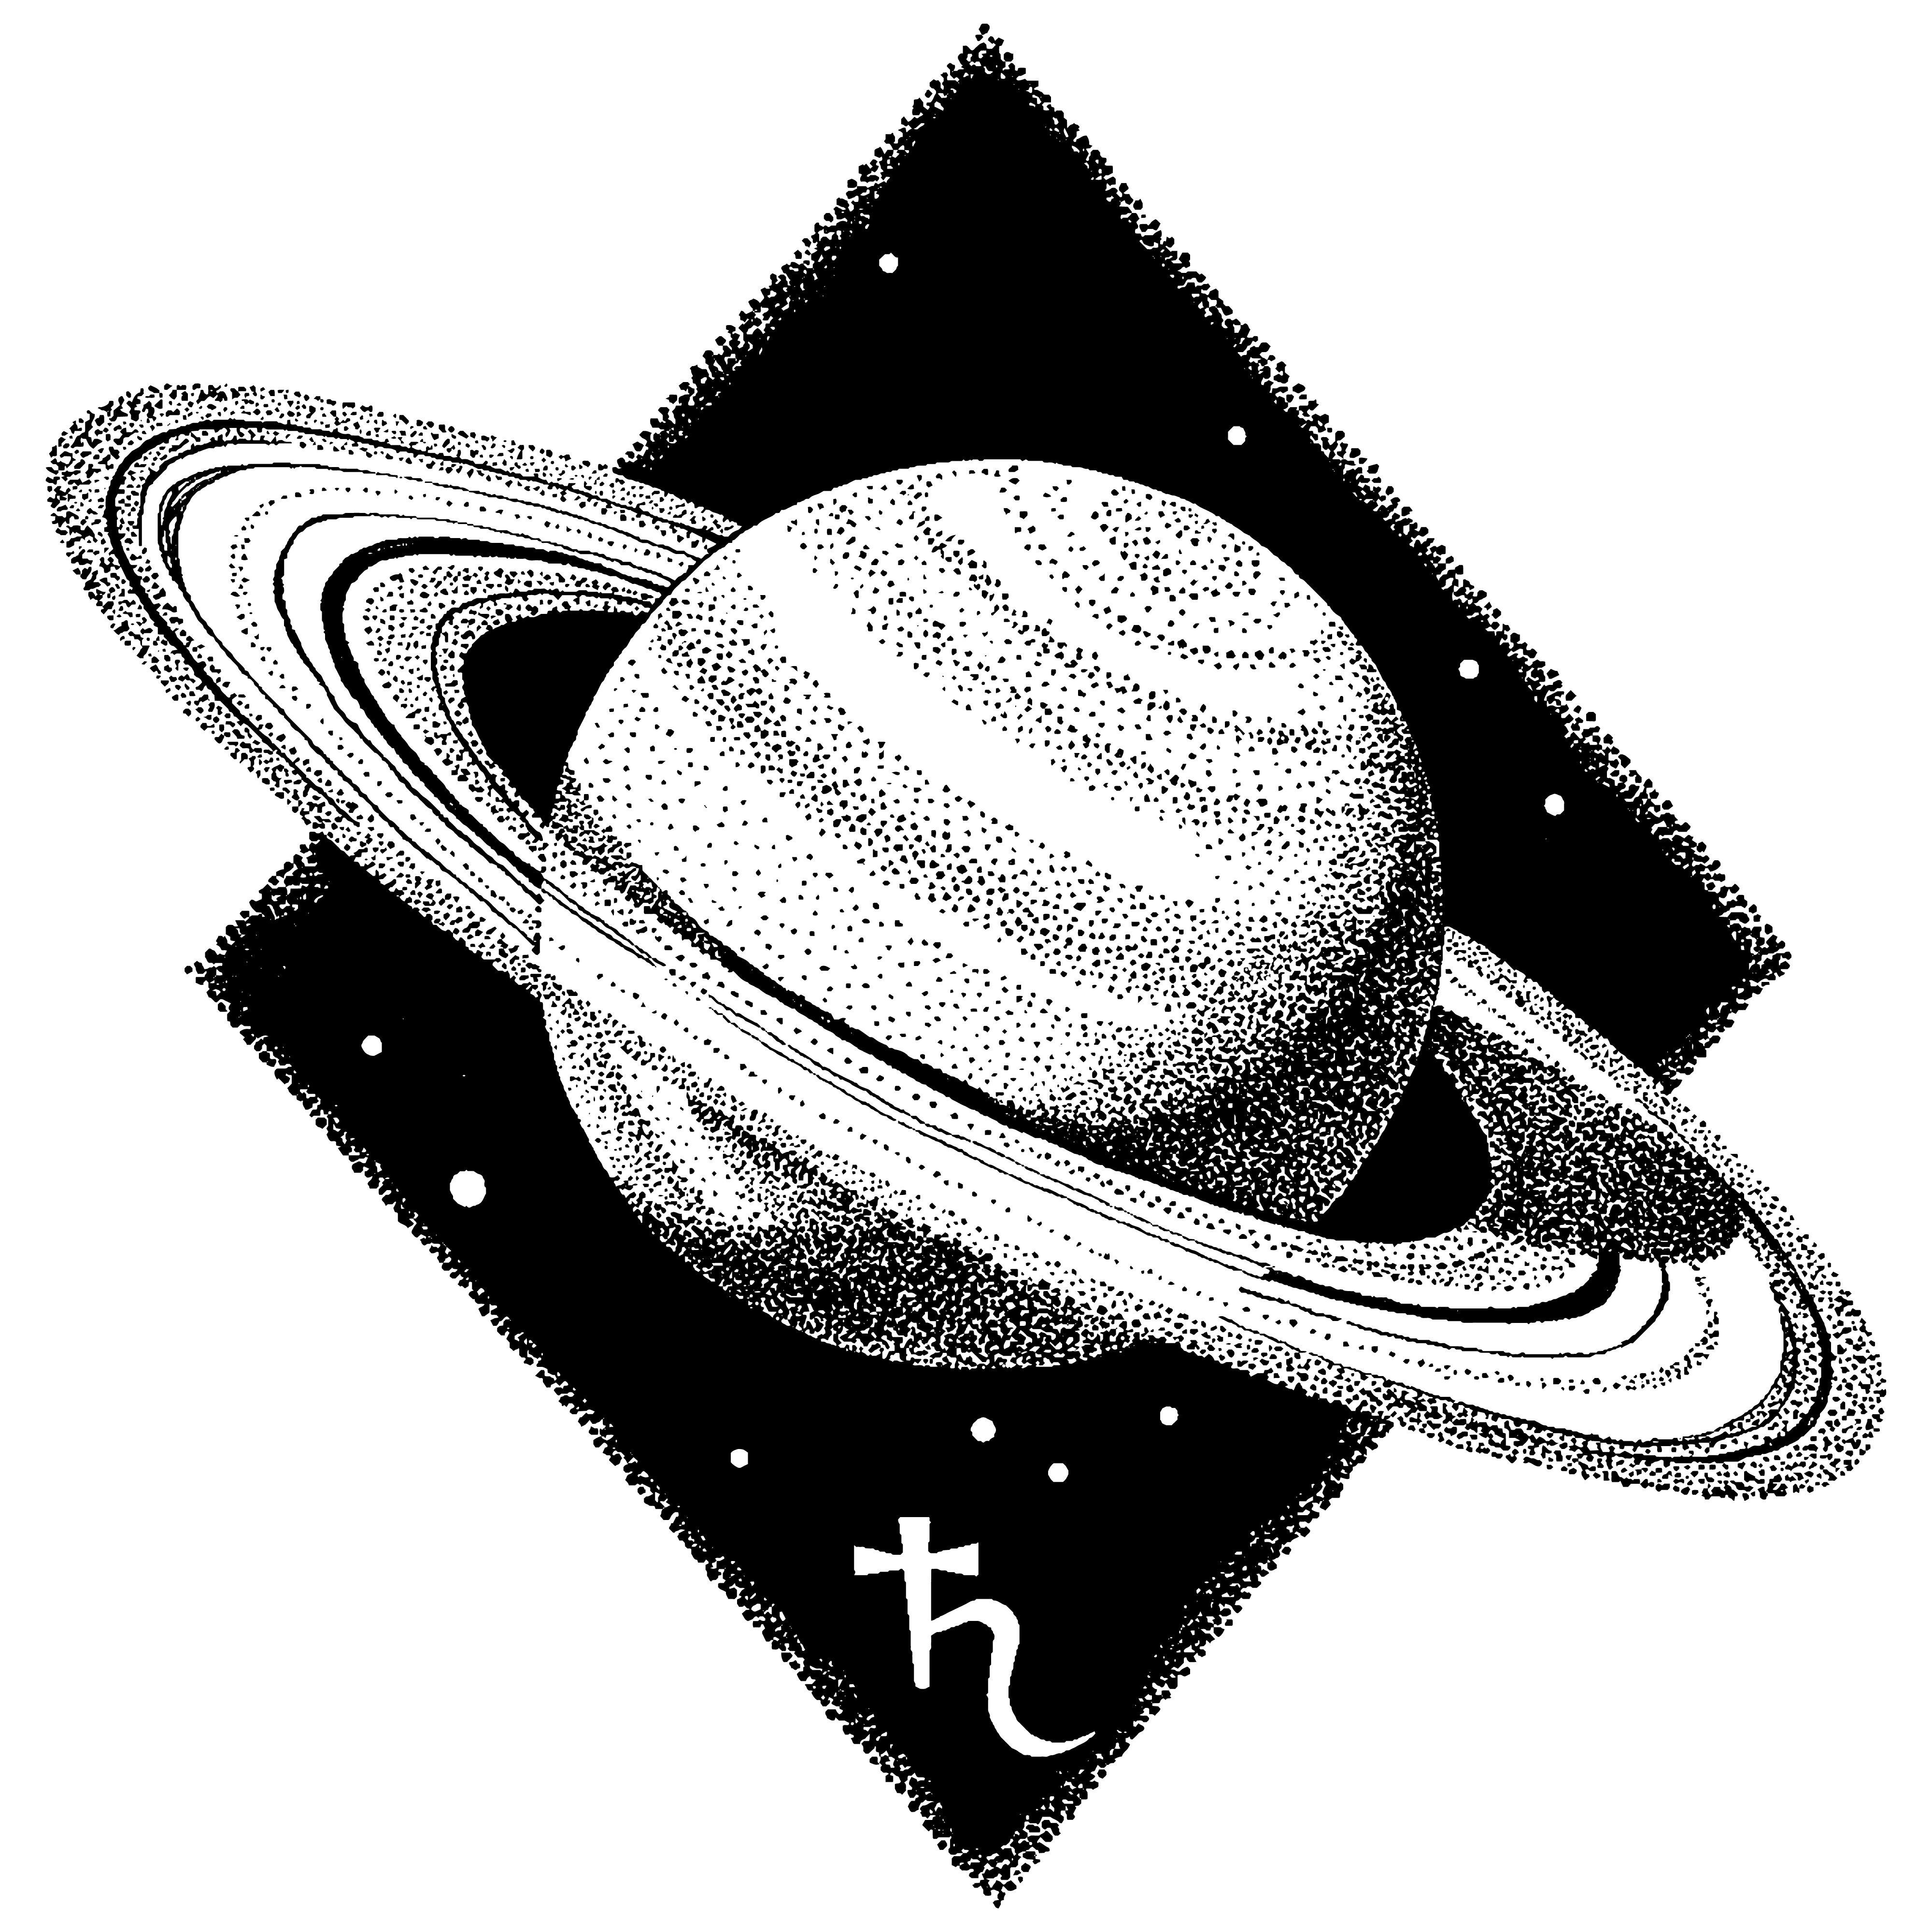 Planeta y símbolo de Saturno || Fuente: Shutterstock